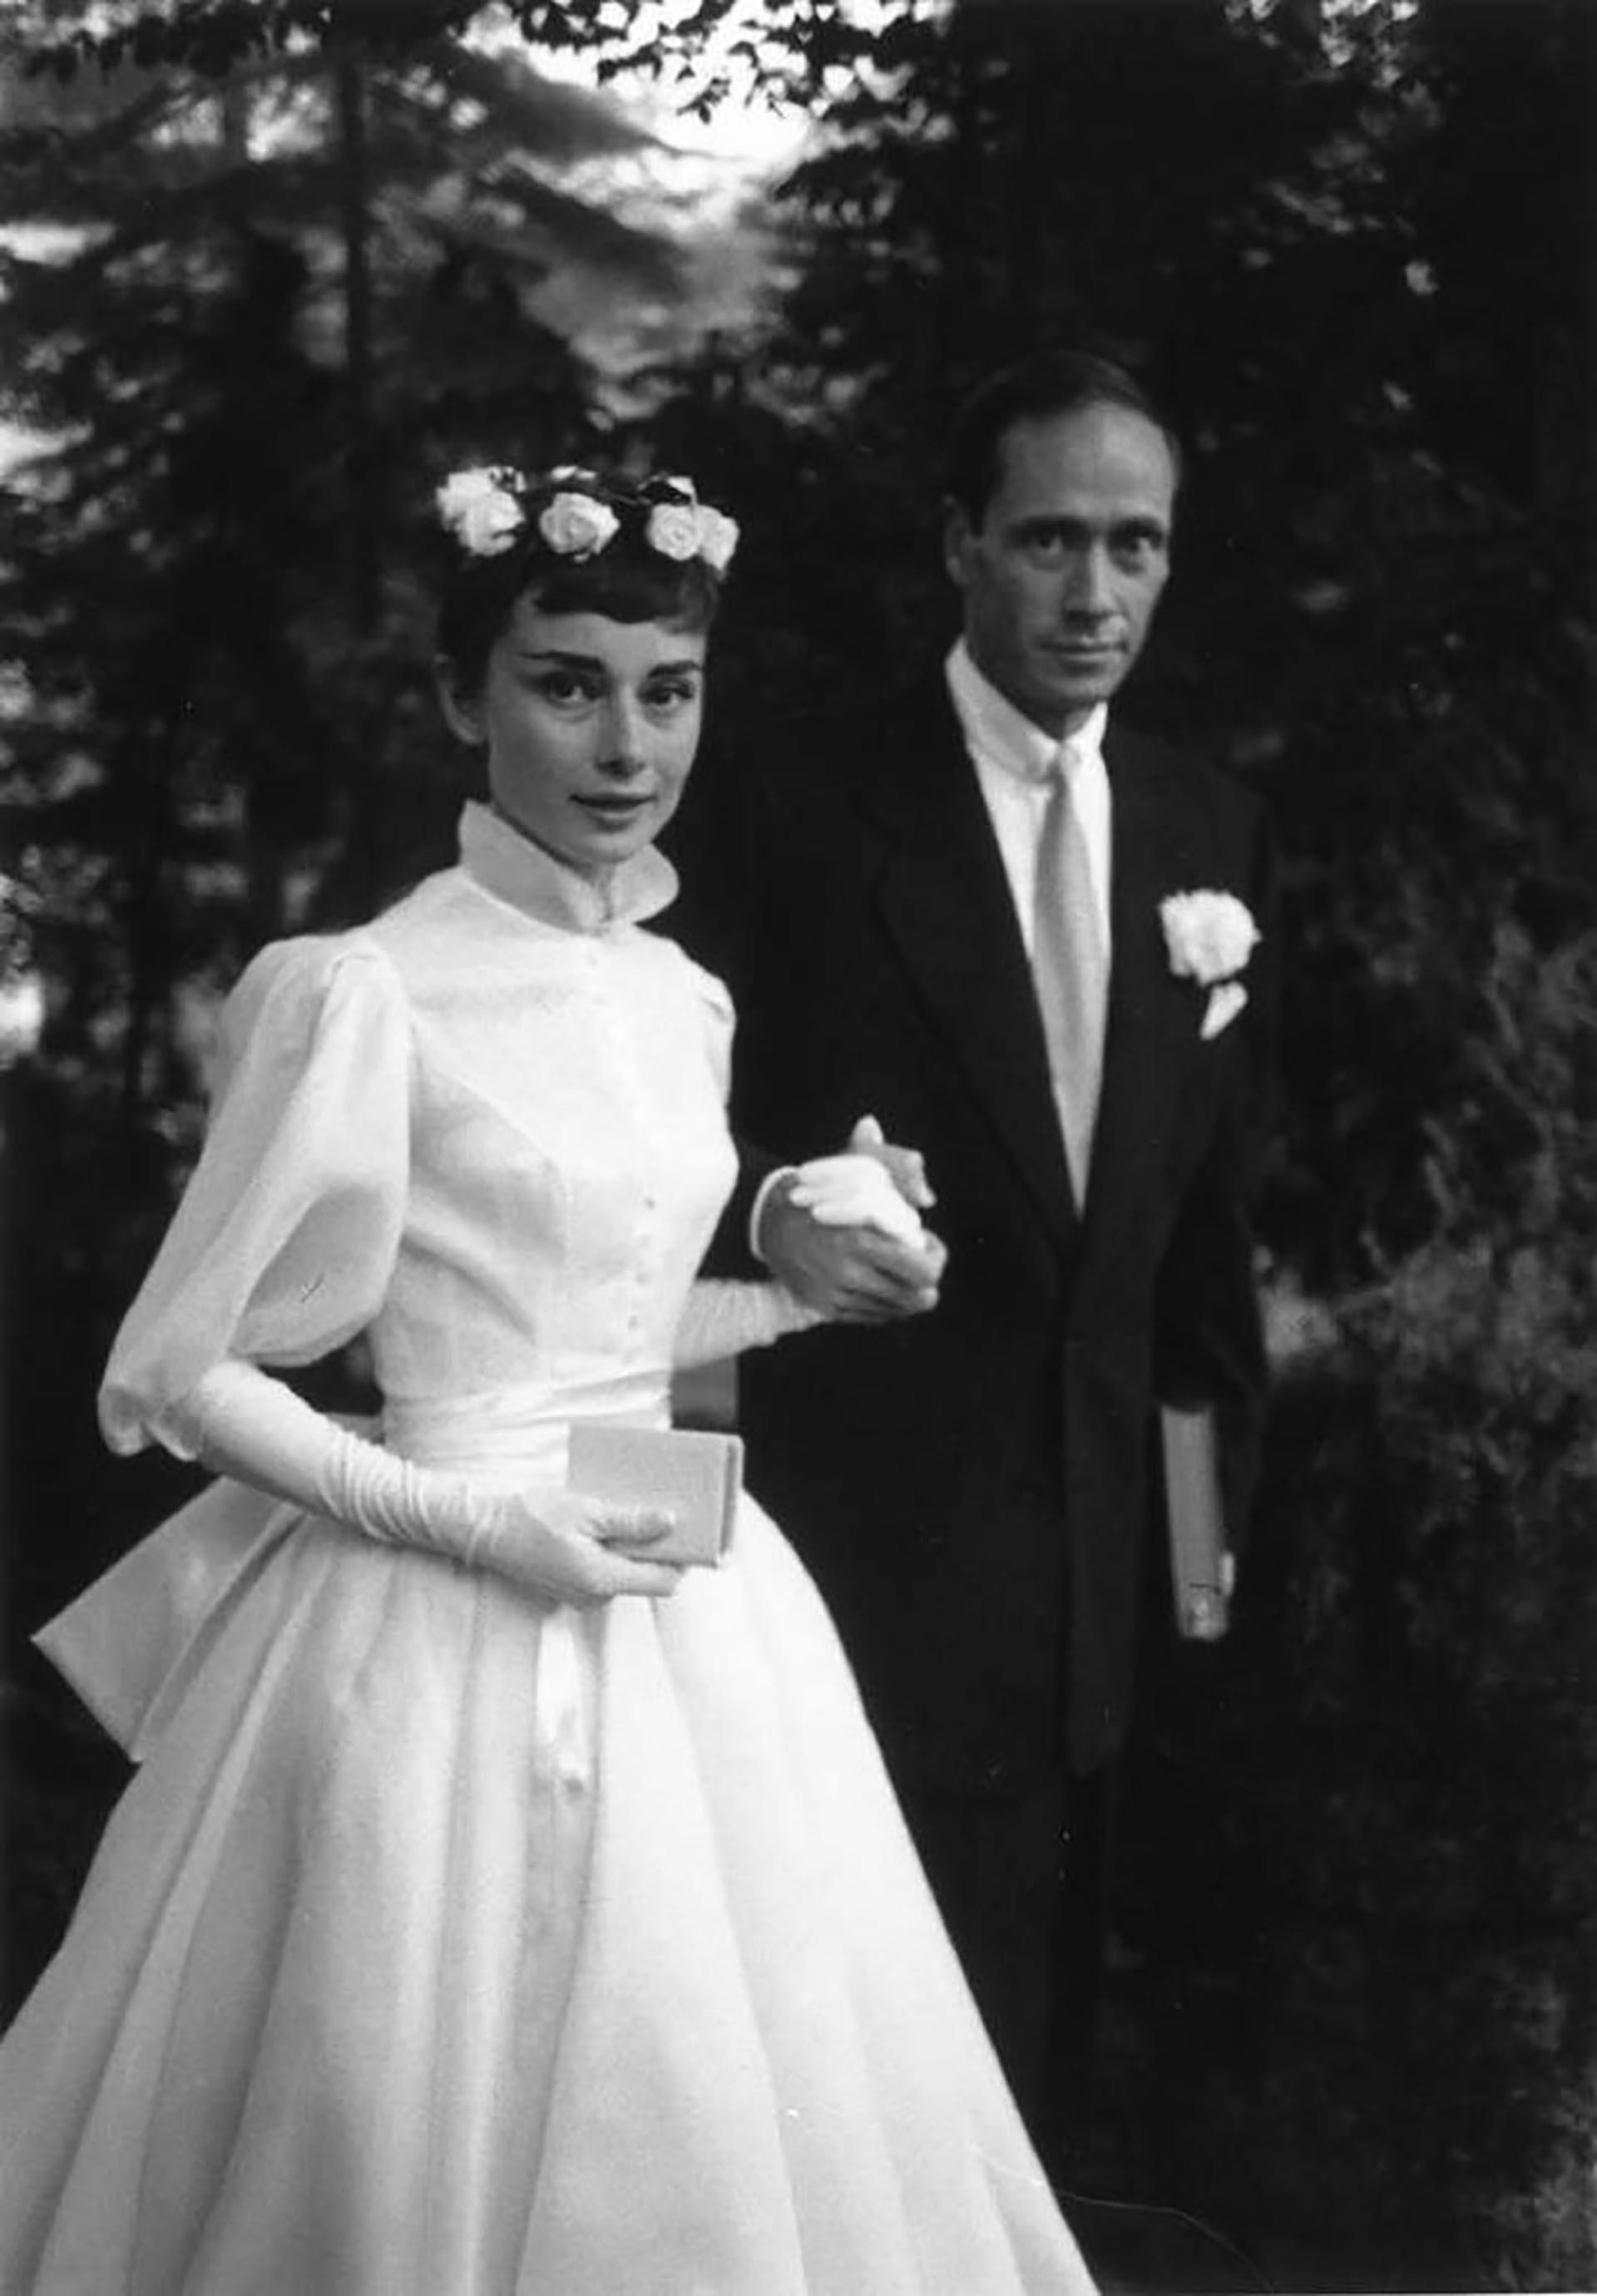 El día de su casamiento junto al actor Mel Ferrer en 1959 con un vestido corto y sus largos guantes blancos que adoraba